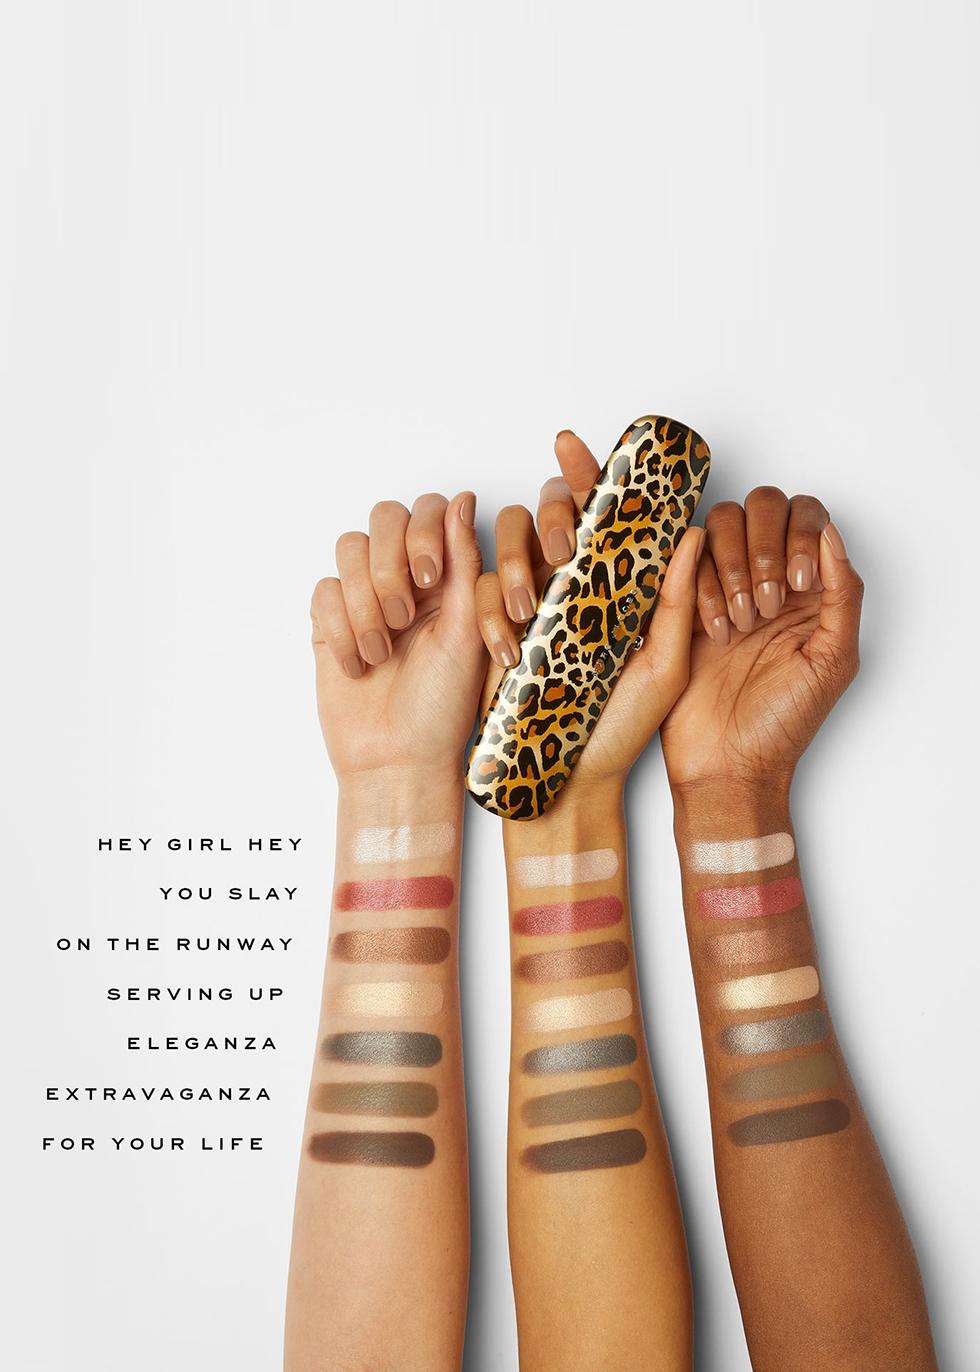 Leopard Frost Eye-Conic Multi-Finish Eyeshadow Palette - Flamboyant - MARC JACOBS BEAUTY